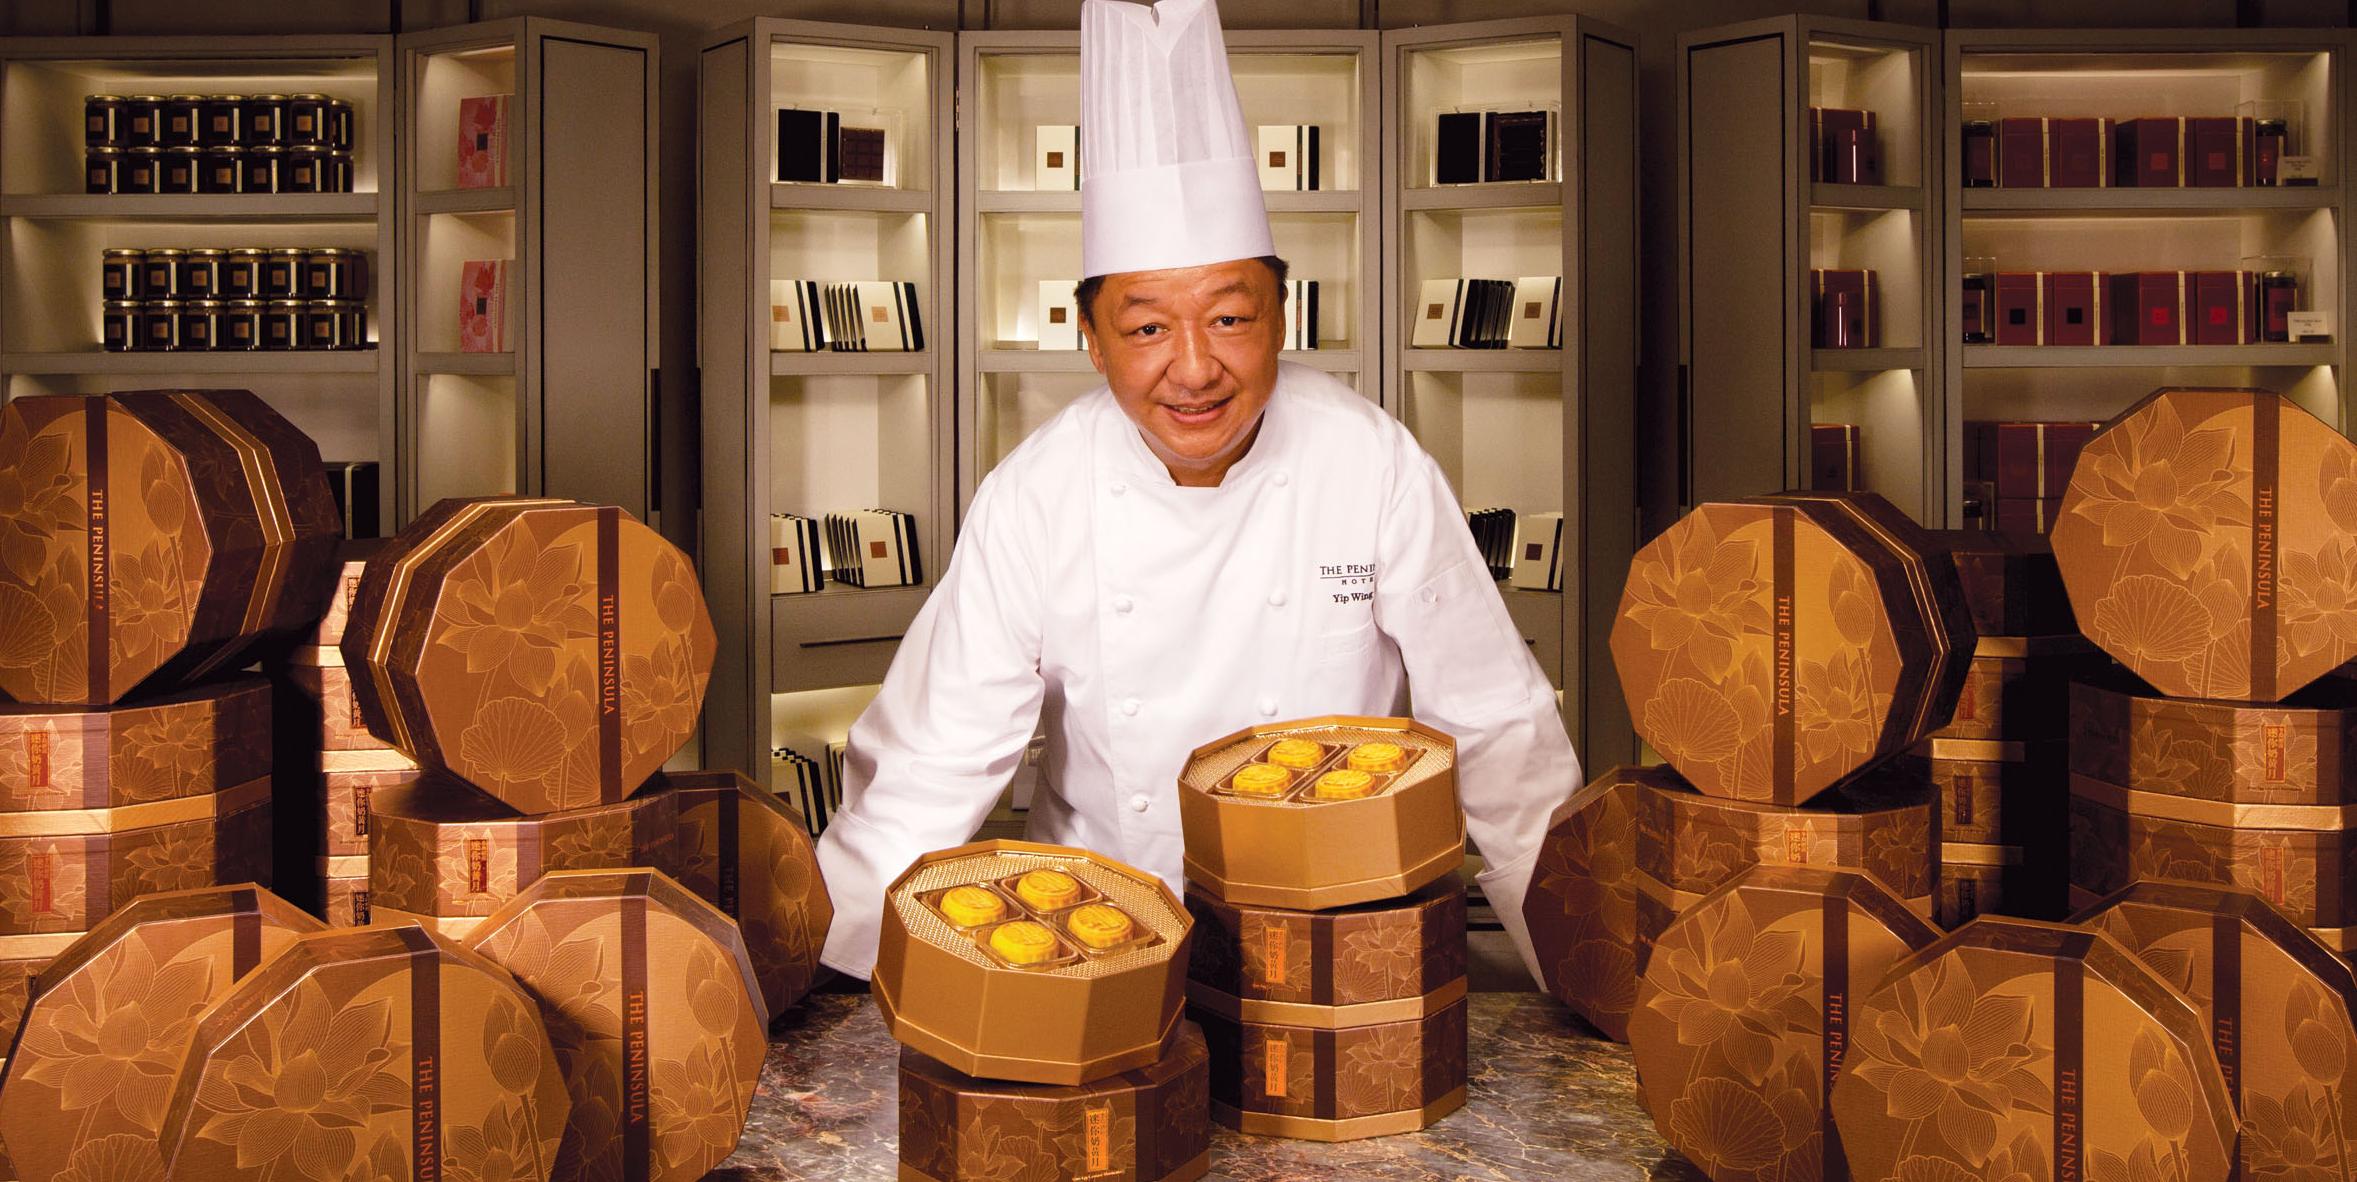 易世界傳媒- 芝加哥華人信息網絡中心 芝加哥有售:香港半島酒店嘉麟樓月餅 - 易世界傳媒 | Eacast media